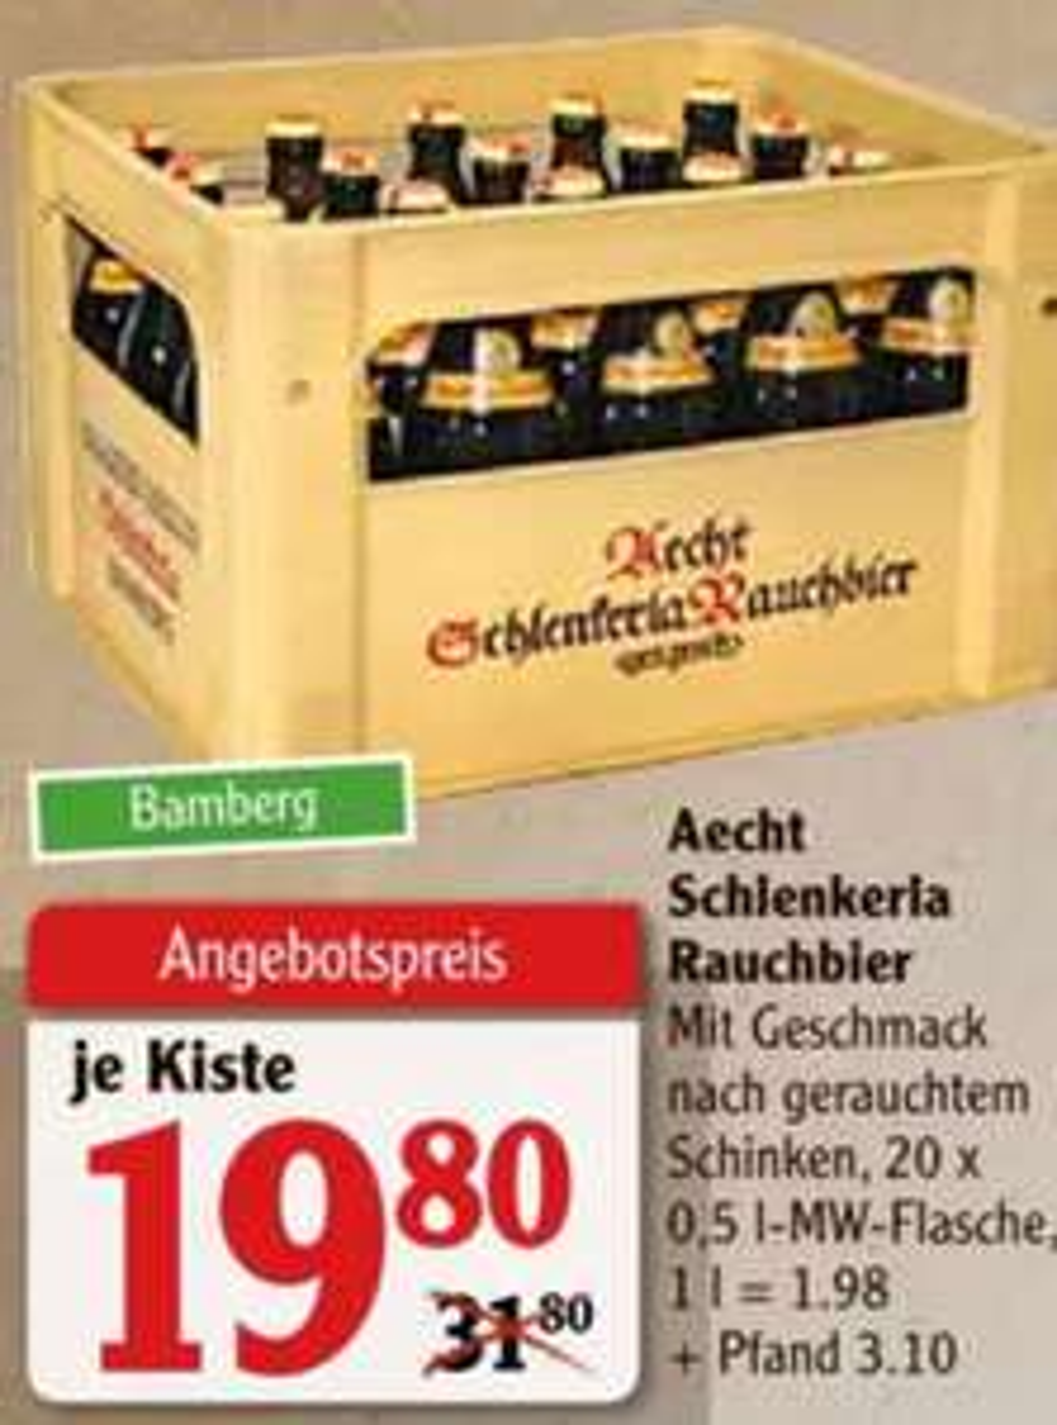 Aecht Schlenkerla Rauchbier Lokal im Globus Weischlitz im Angebot